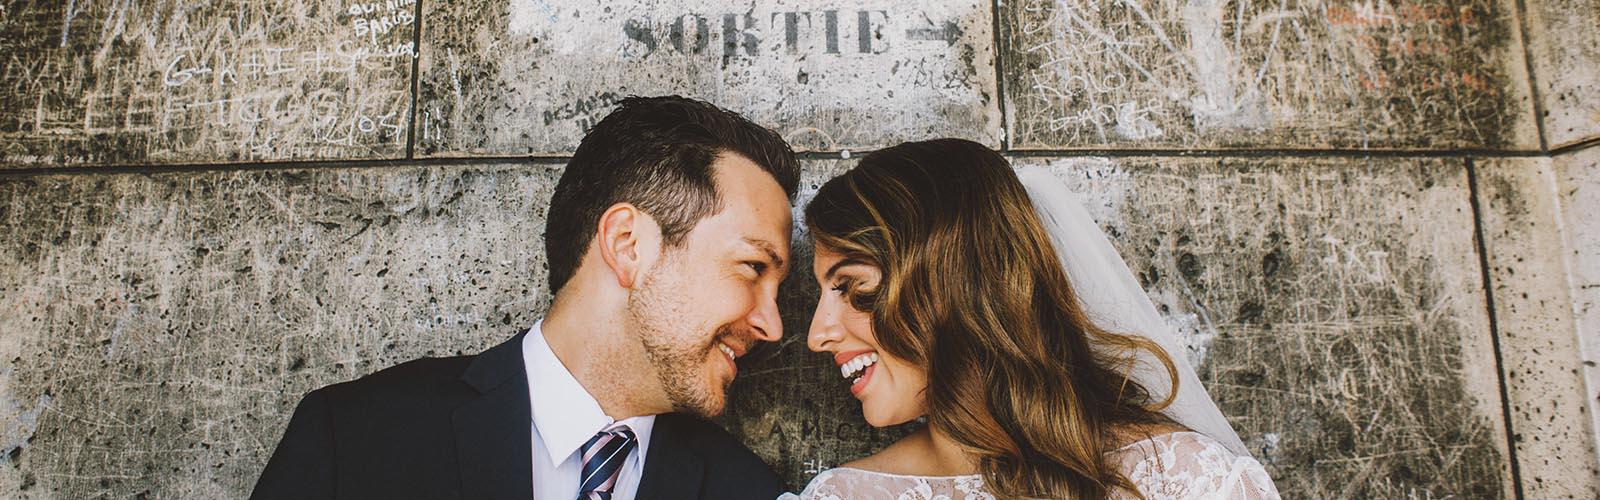 Portland wedding photographer reviews